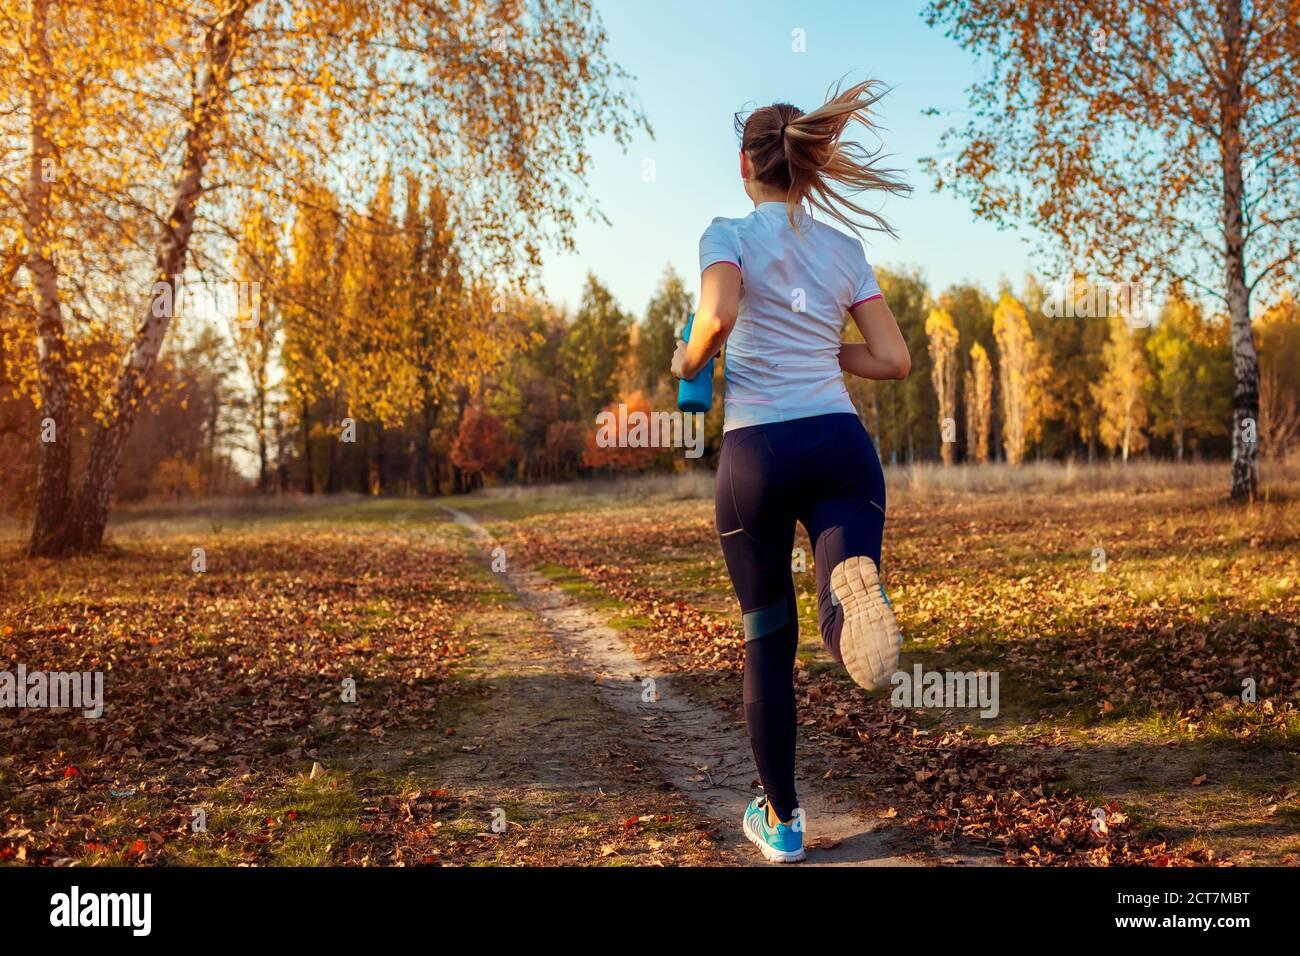 Entraînement des coureurs dans le parc d'automne. Jeune femme en train de courir au coucher du soleil dans des vêtements de sport. Mode de vie actif. Vue arrière Banque D'Images